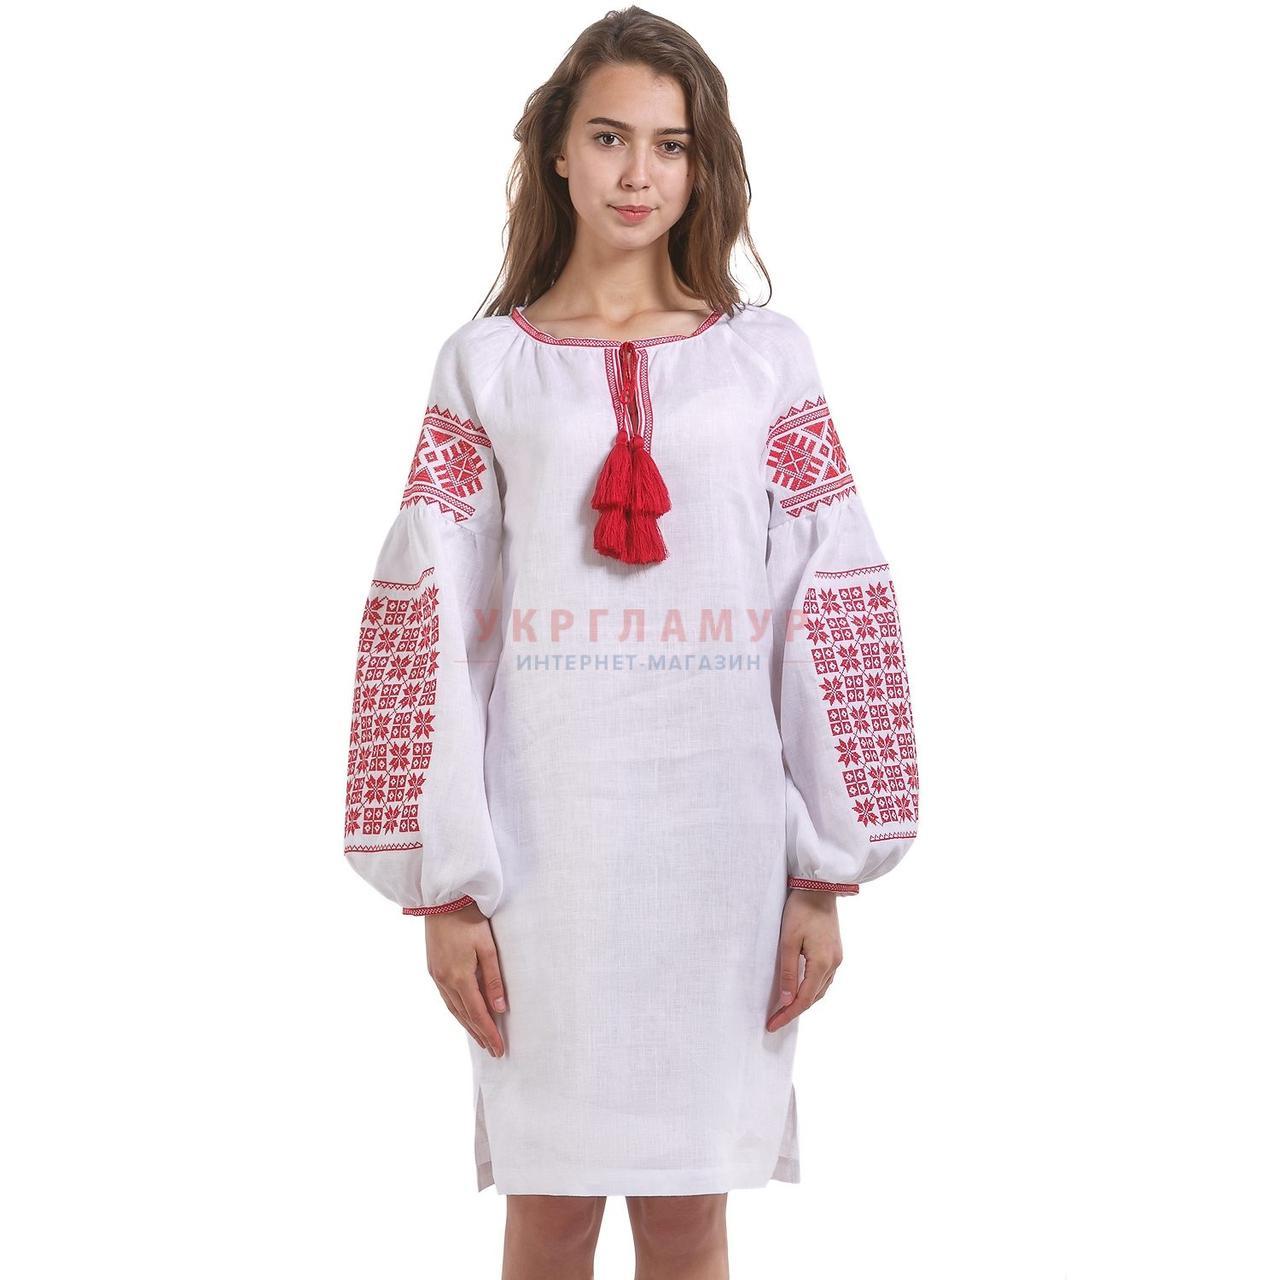 d11cbda09bd Купить Женское вышитое платье белое с красной вышивкой в Киеве